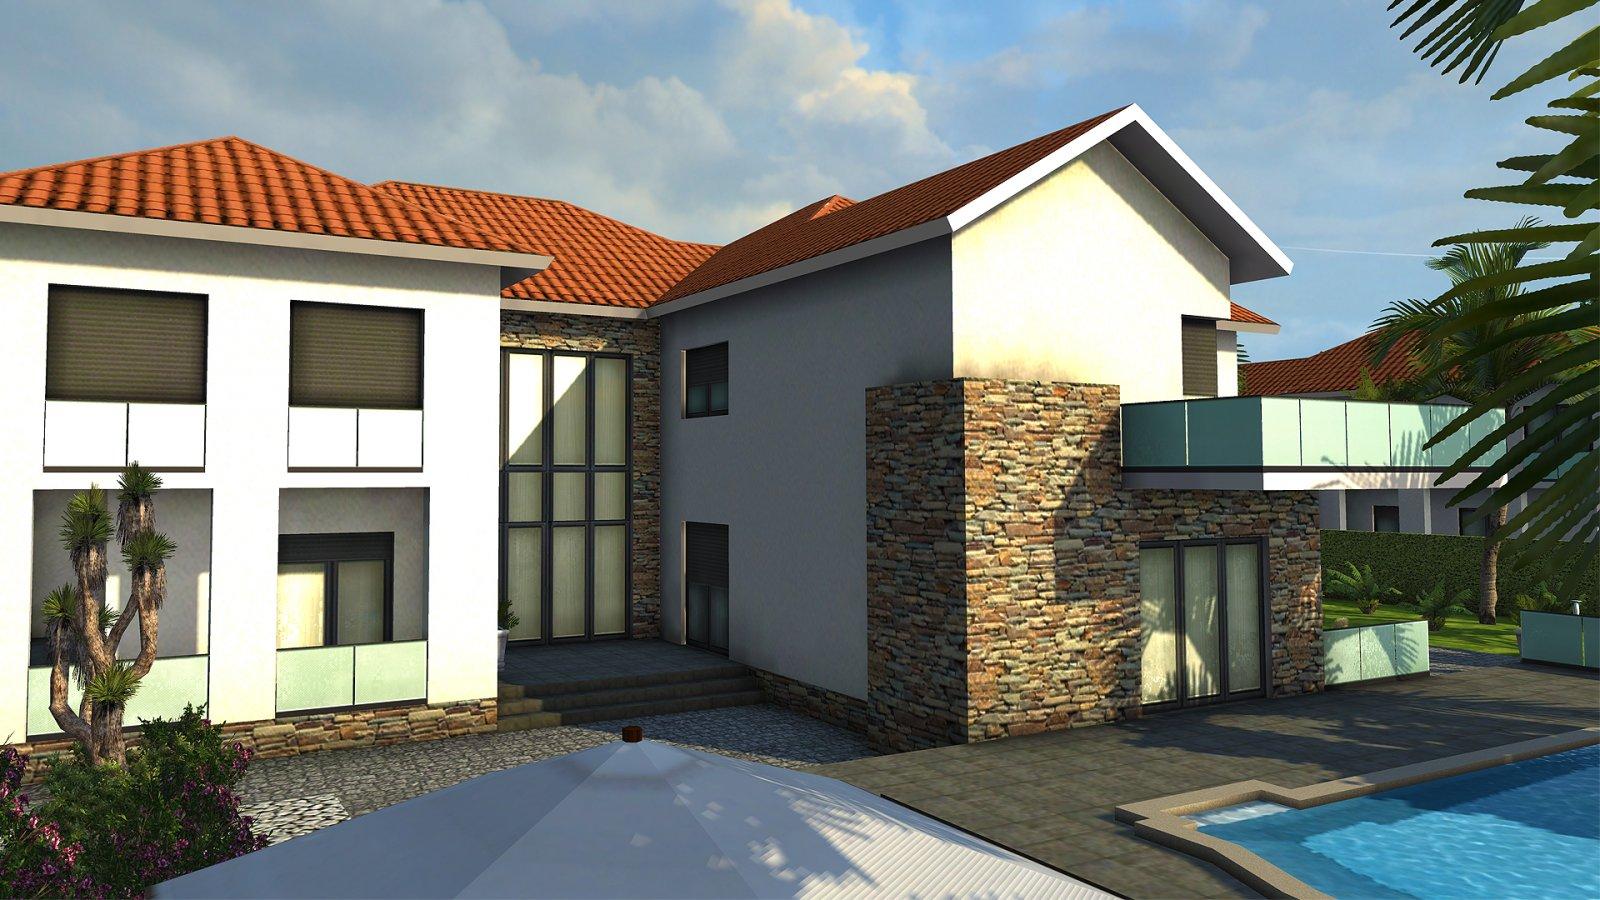 house2_4.jpg